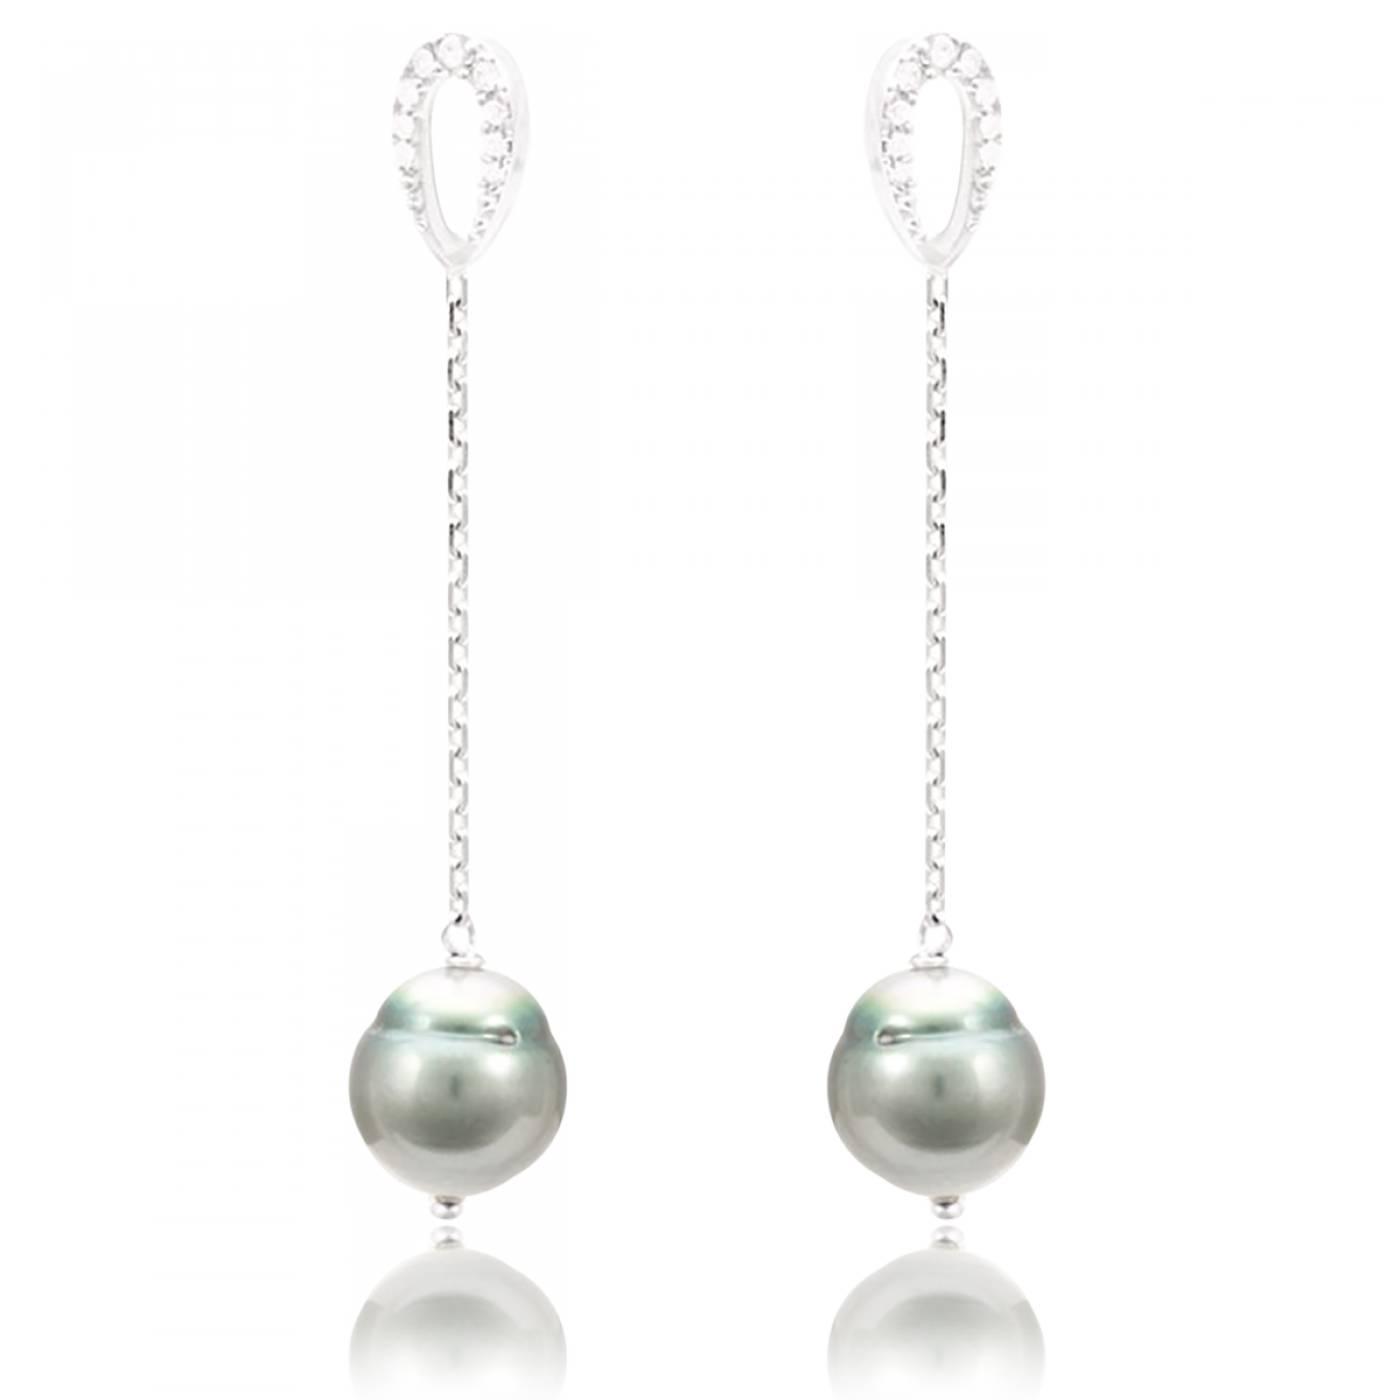 boucles d 39 oreilles femme lanu argent perle perle de tahiti. Black Bedroom Furniture Sets. Home Design Ideas